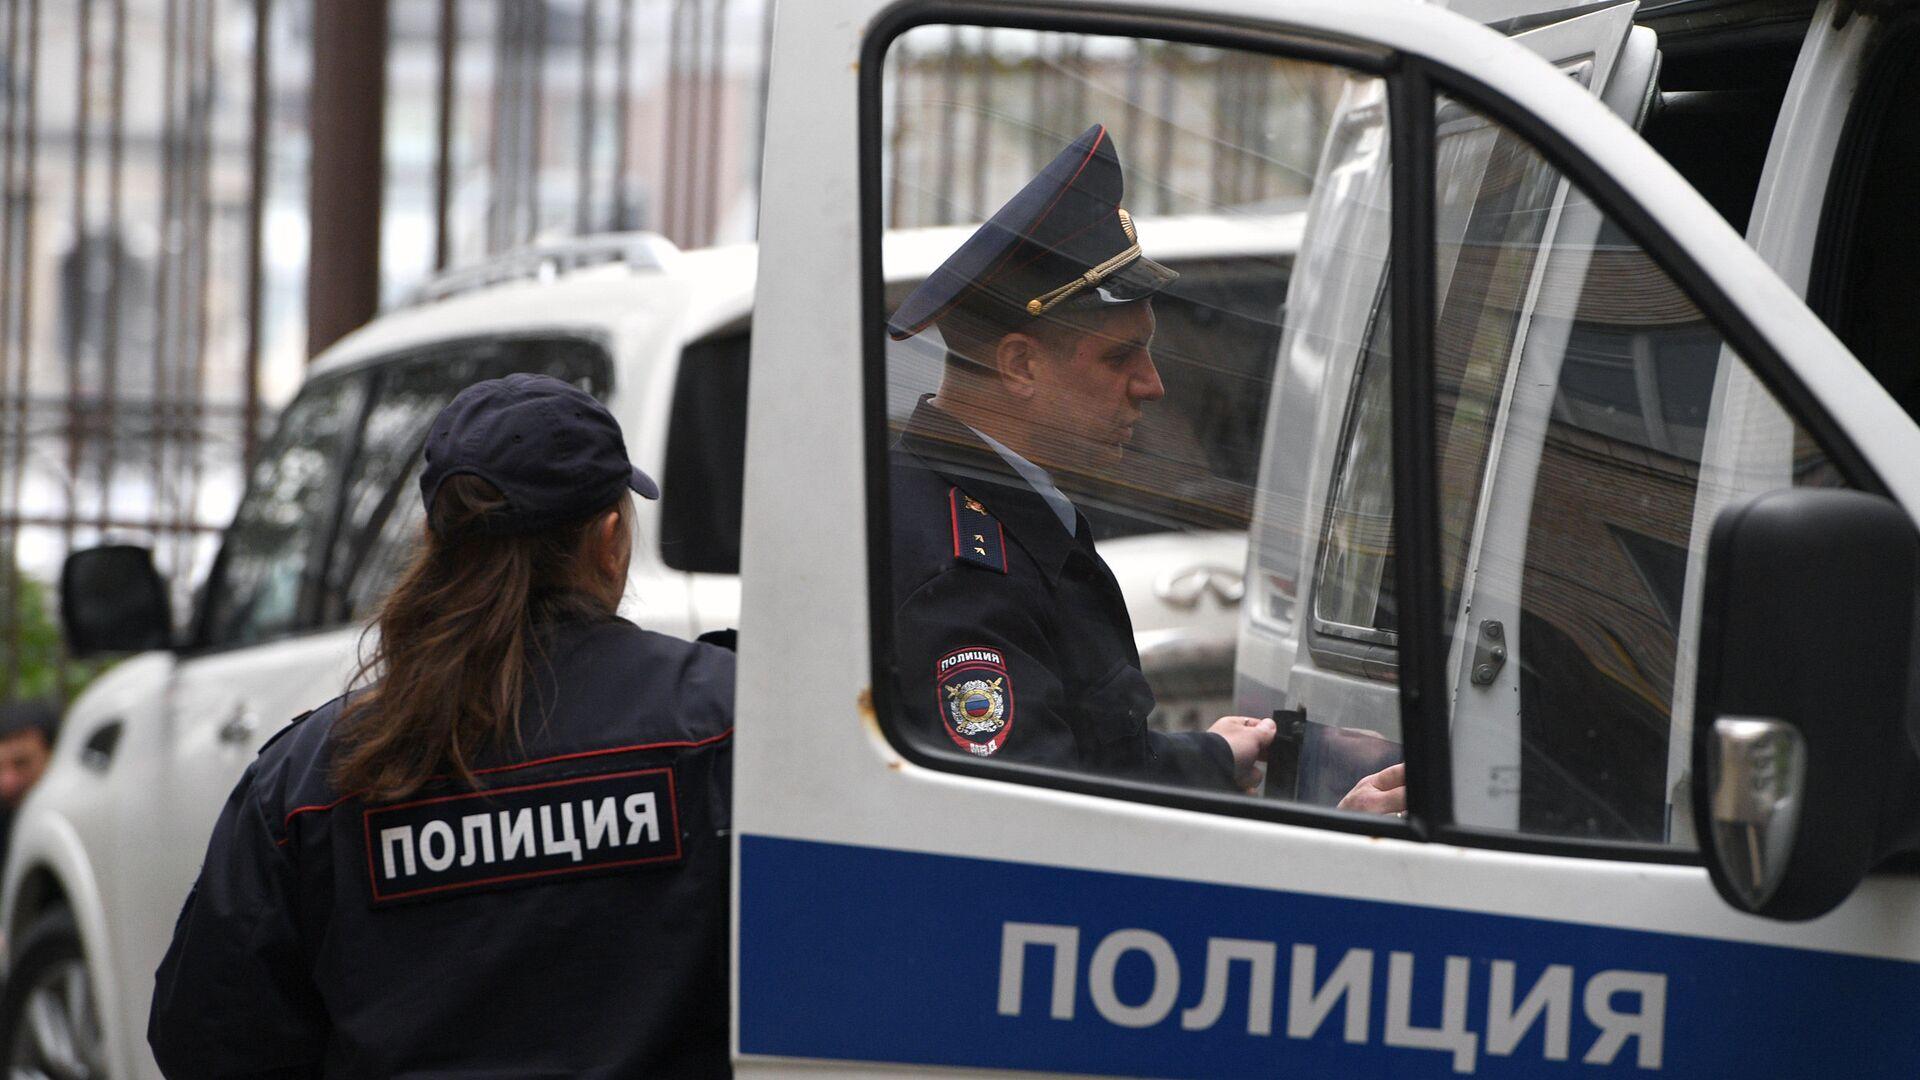 Очевидица рассказала об убийстве девушки в Москве